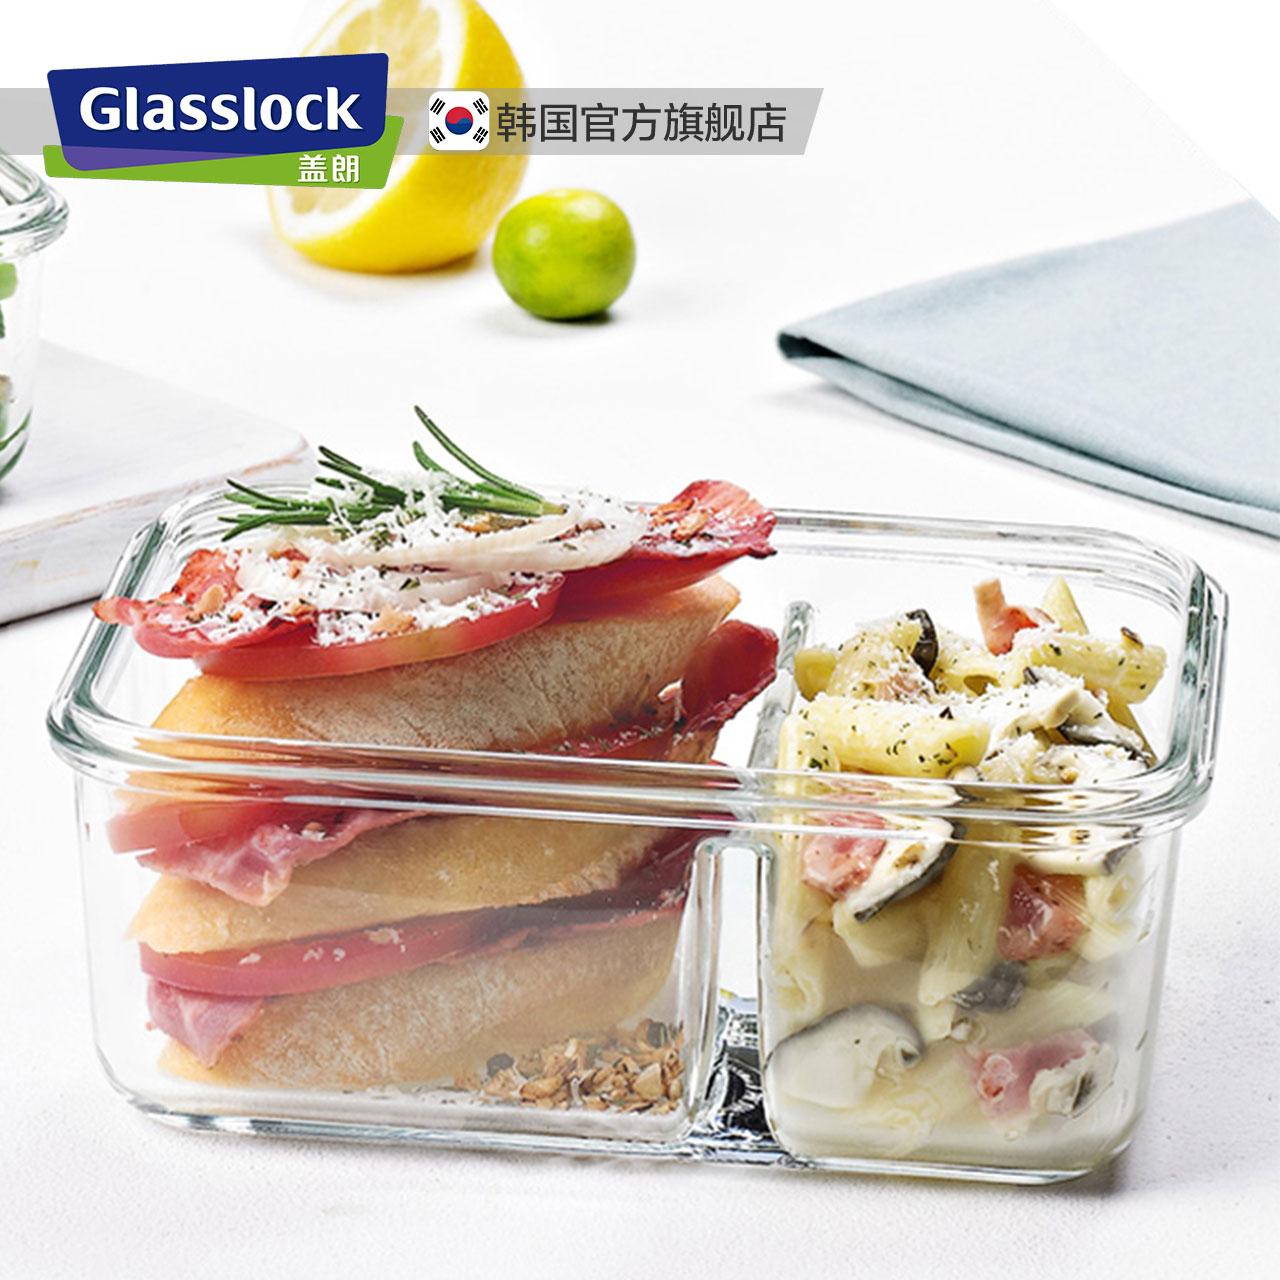 glasslock 耐热玻璃保鲜盒套装便当盒饭盒 微波炉冰箱密封 分隔层